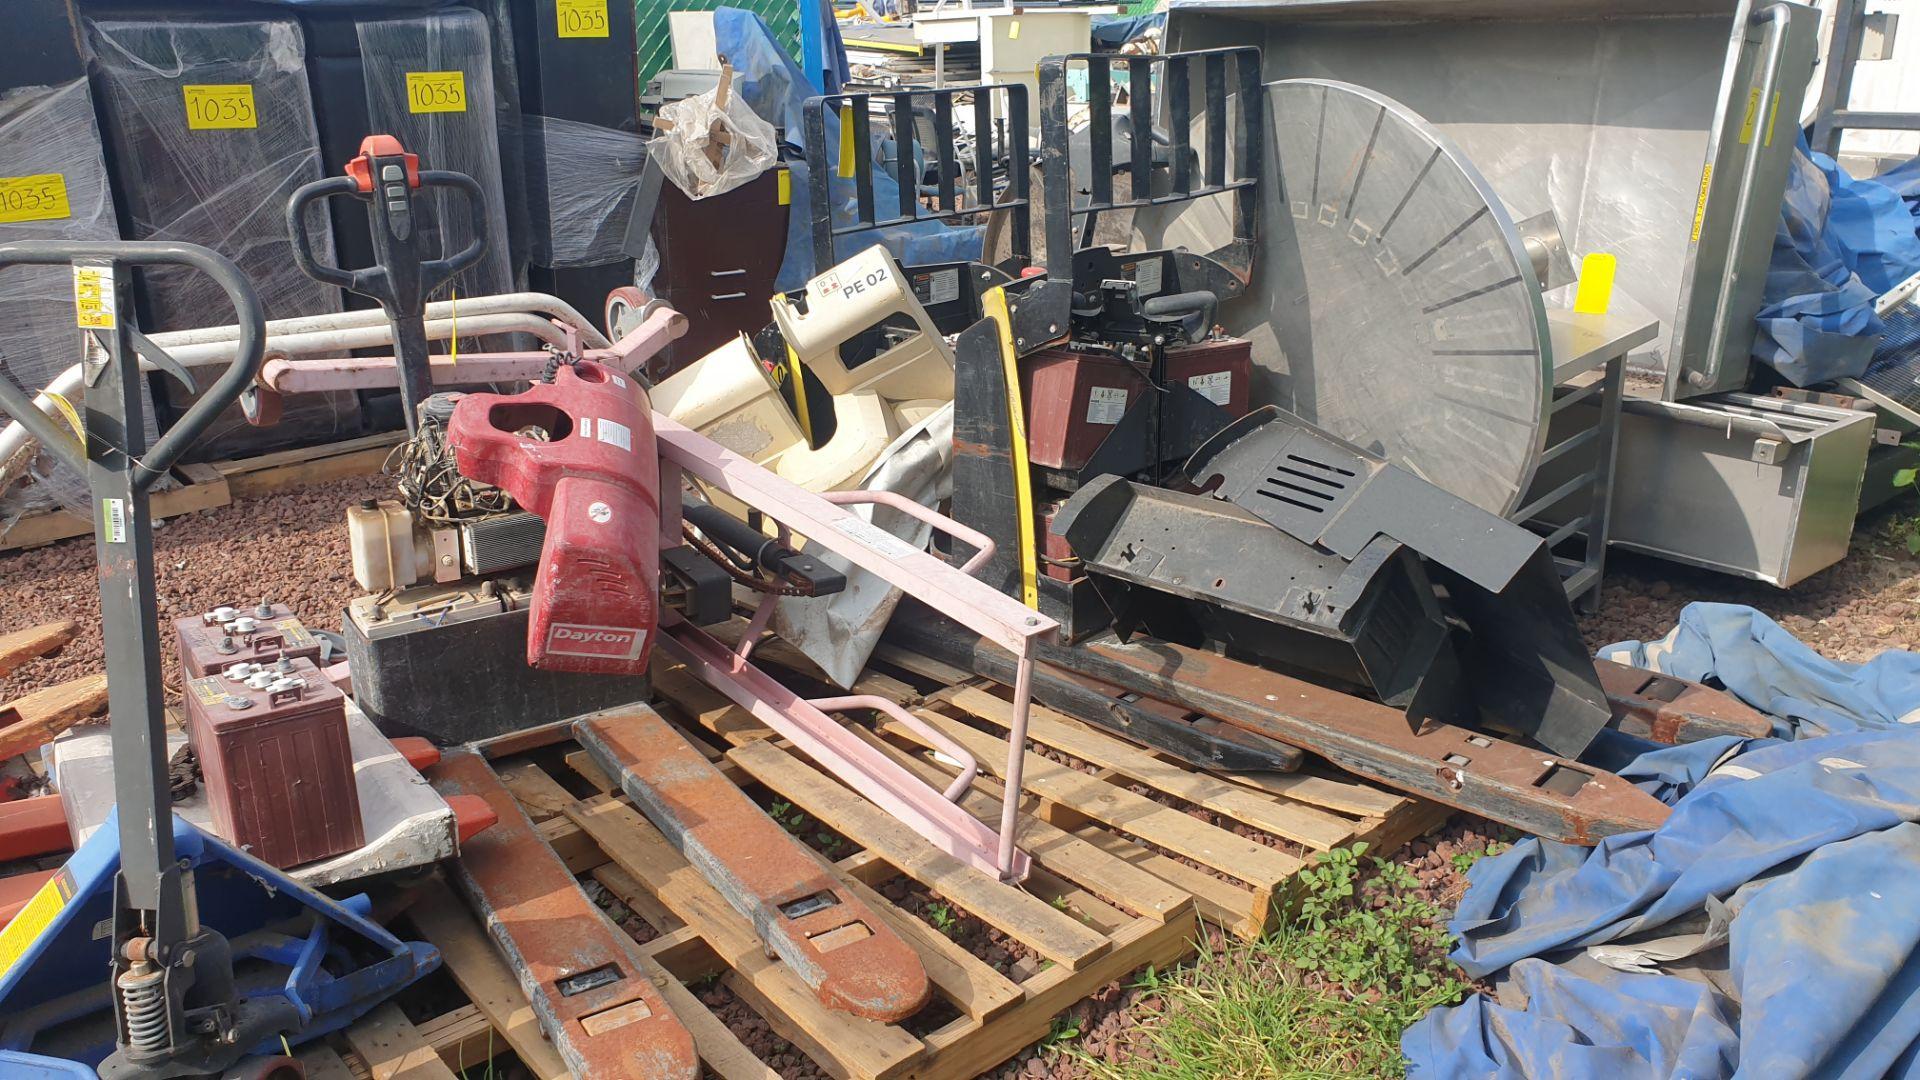 2 HYSTER lift pallet truck model W45ZHD 24 V , 1 DAYTON lift pallet truck model 21XV82 - Image 13 of 21